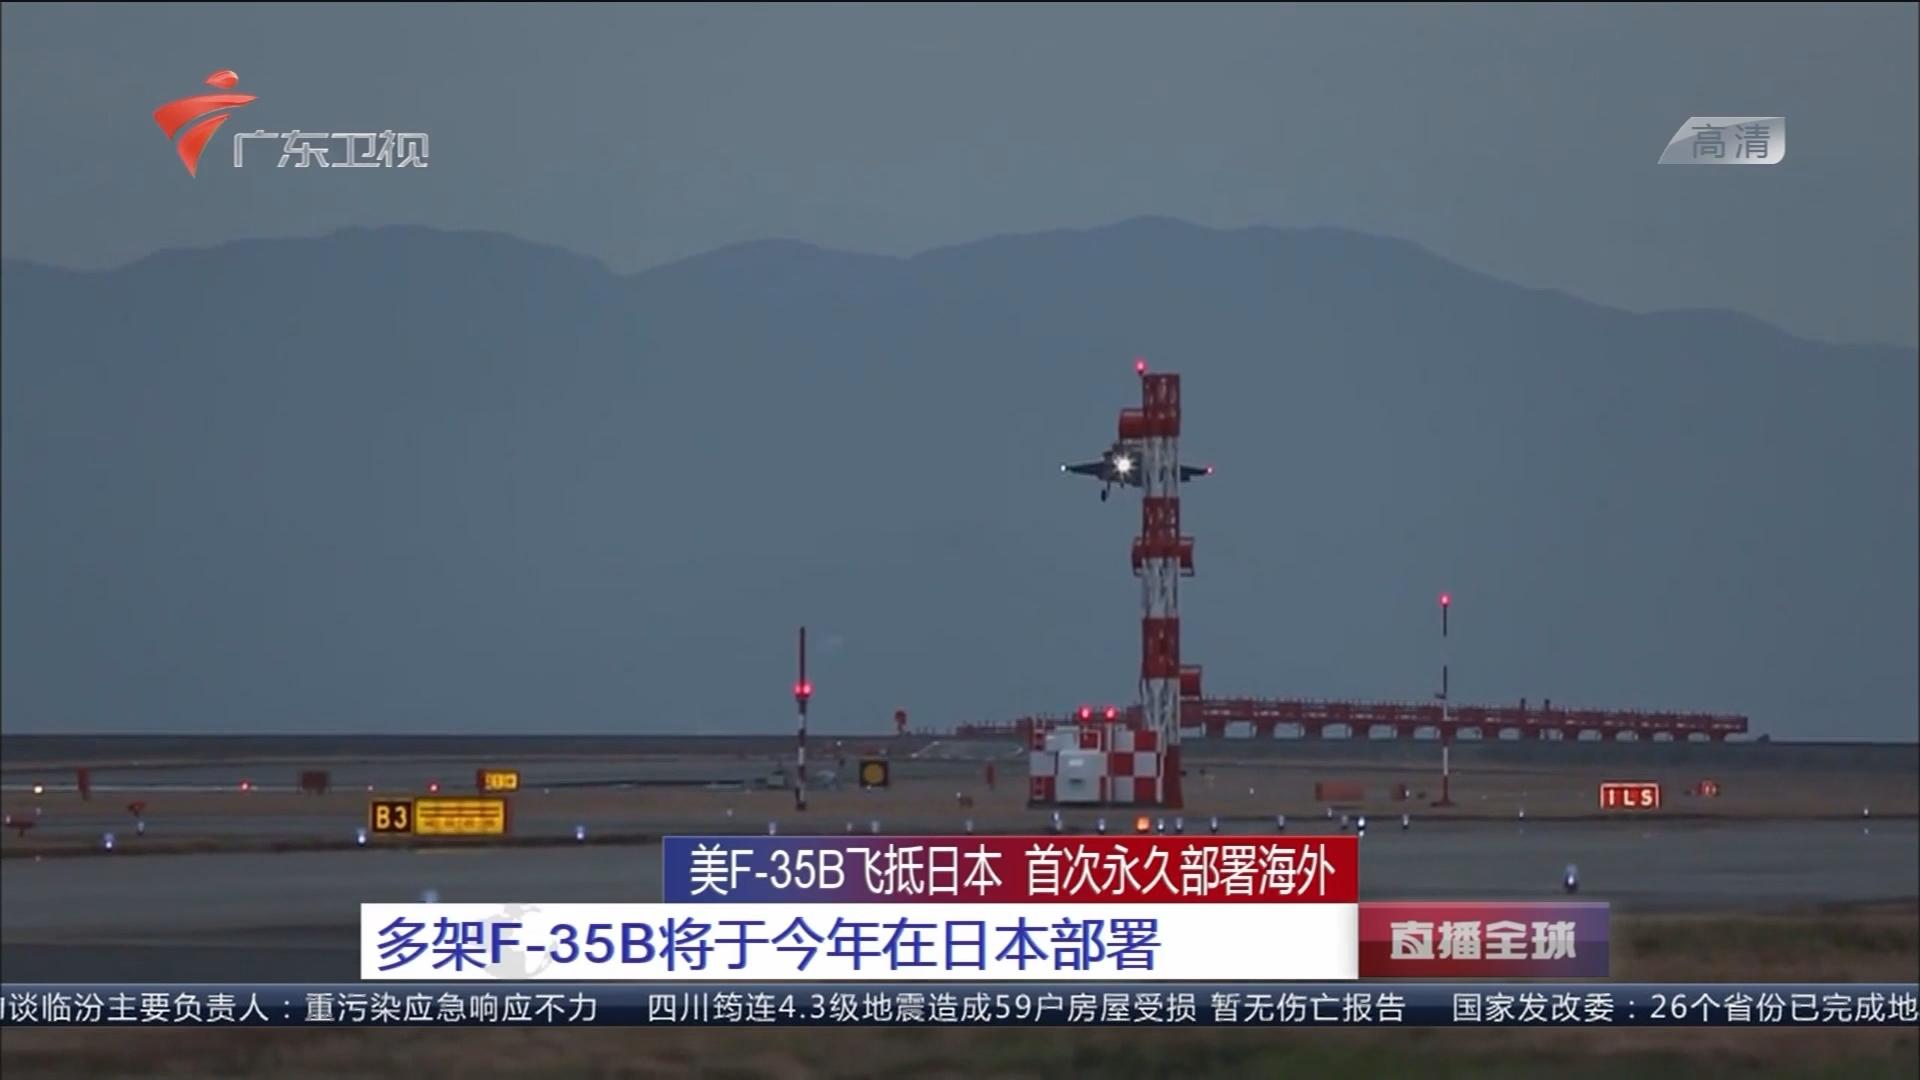 美F-35B飞抵日本 首次永久部署海外:多架F-35B将于今年在日本部署